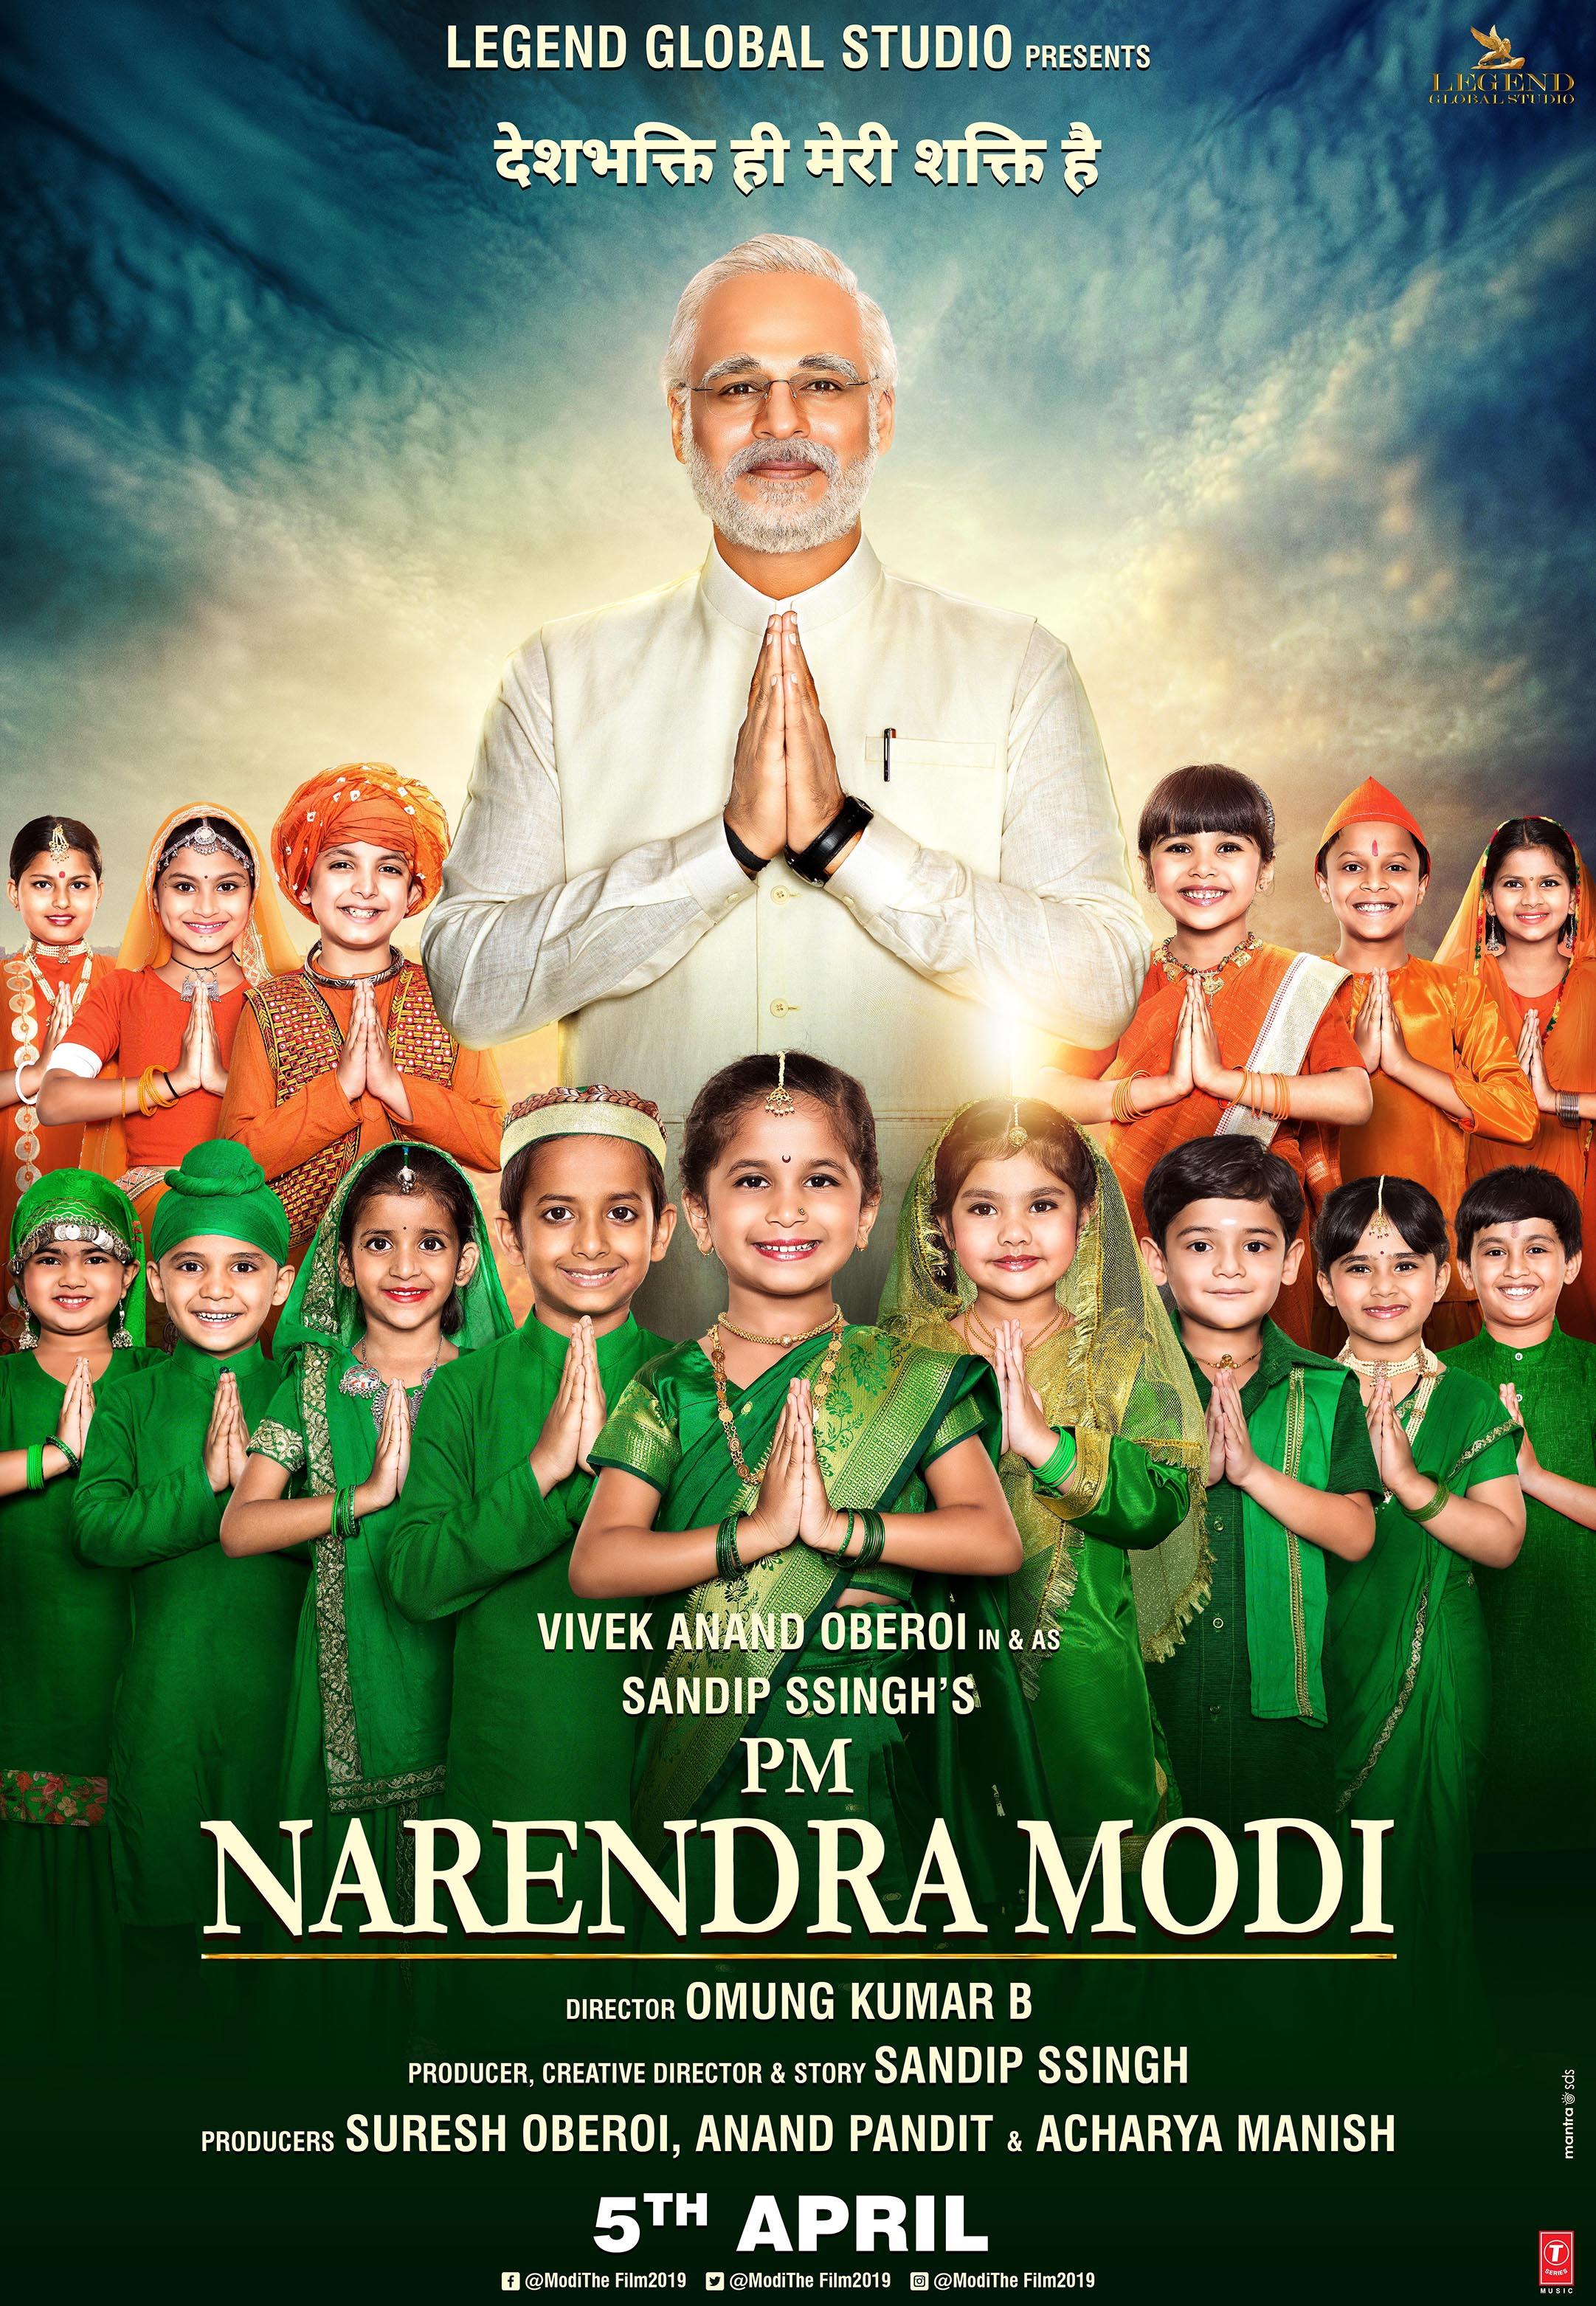 pm-narendra-modi-english